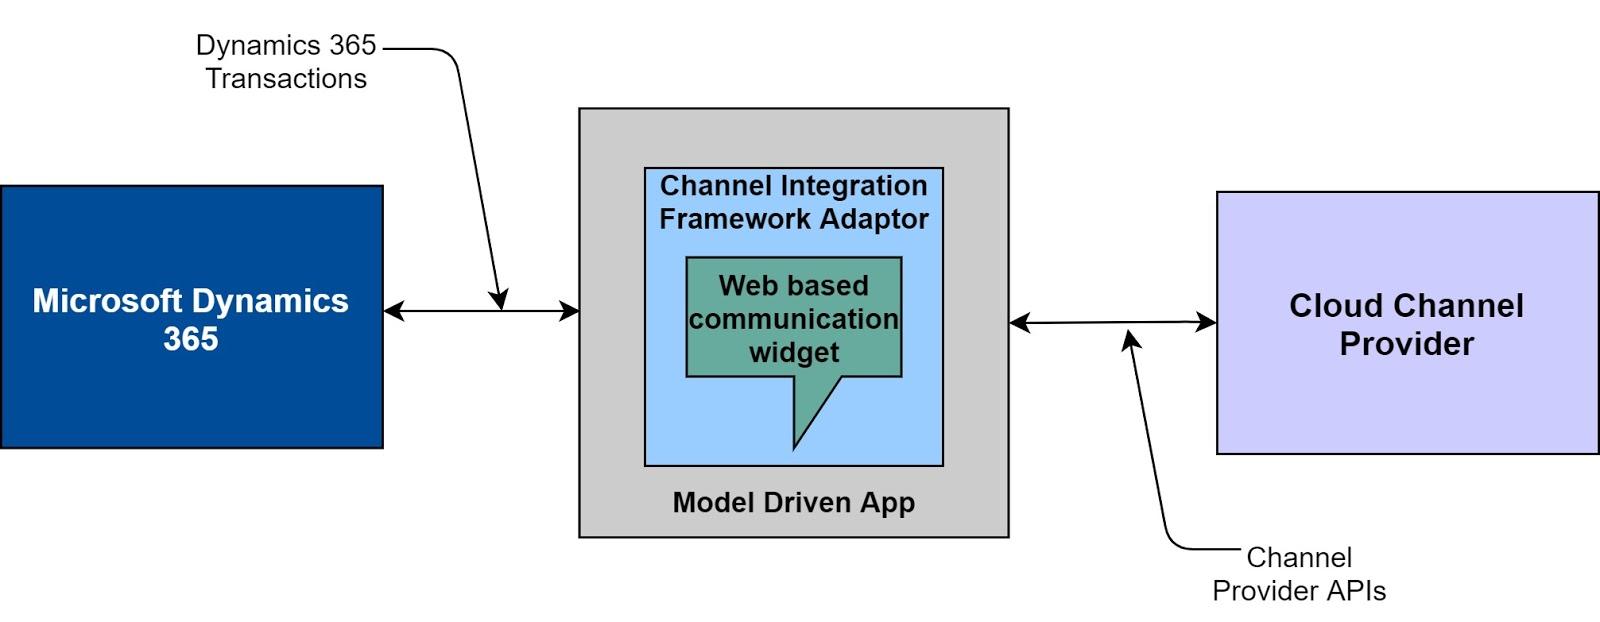 Channel Integration Framework